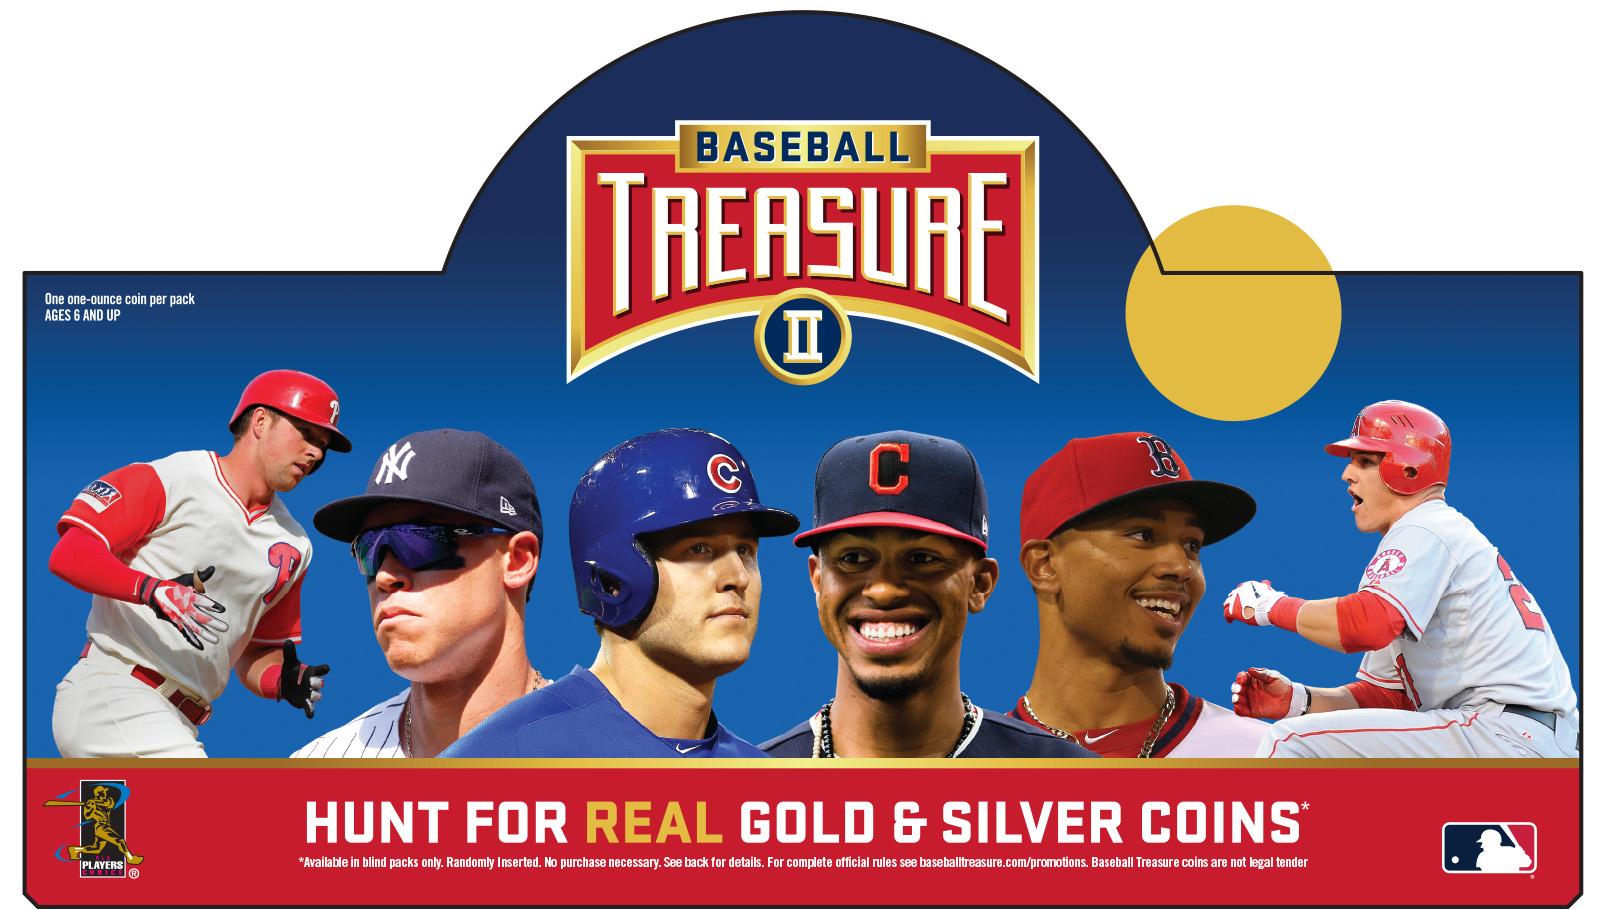 Baseball Treasure Coins